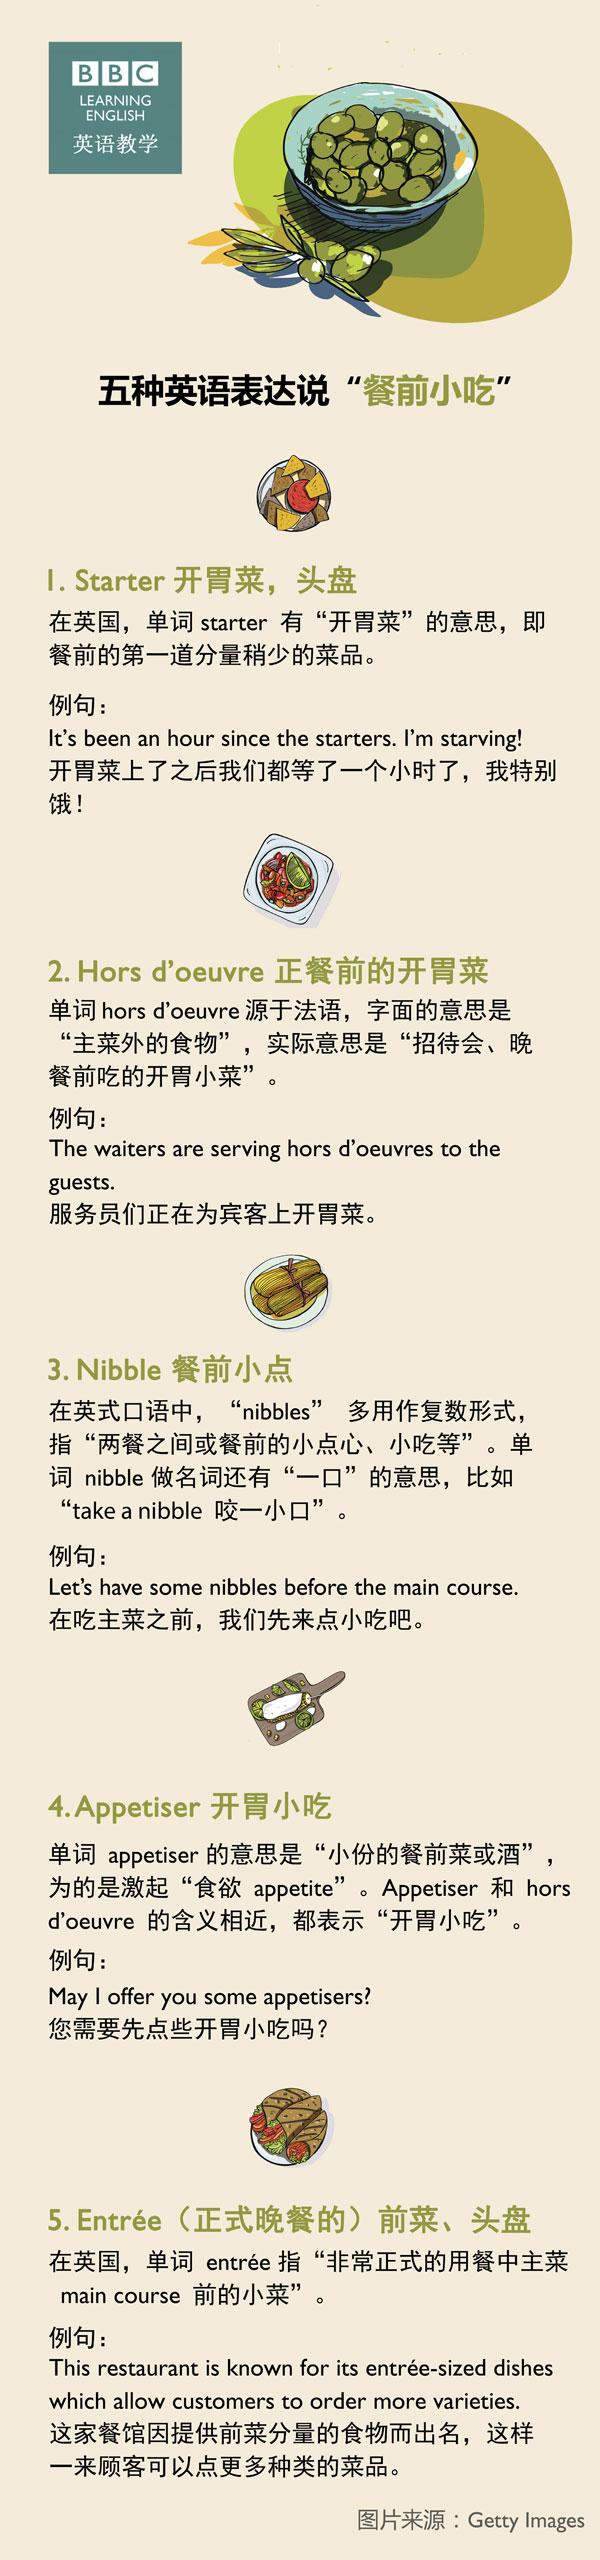 """五种英语表达说""""餐前小吃"""""""